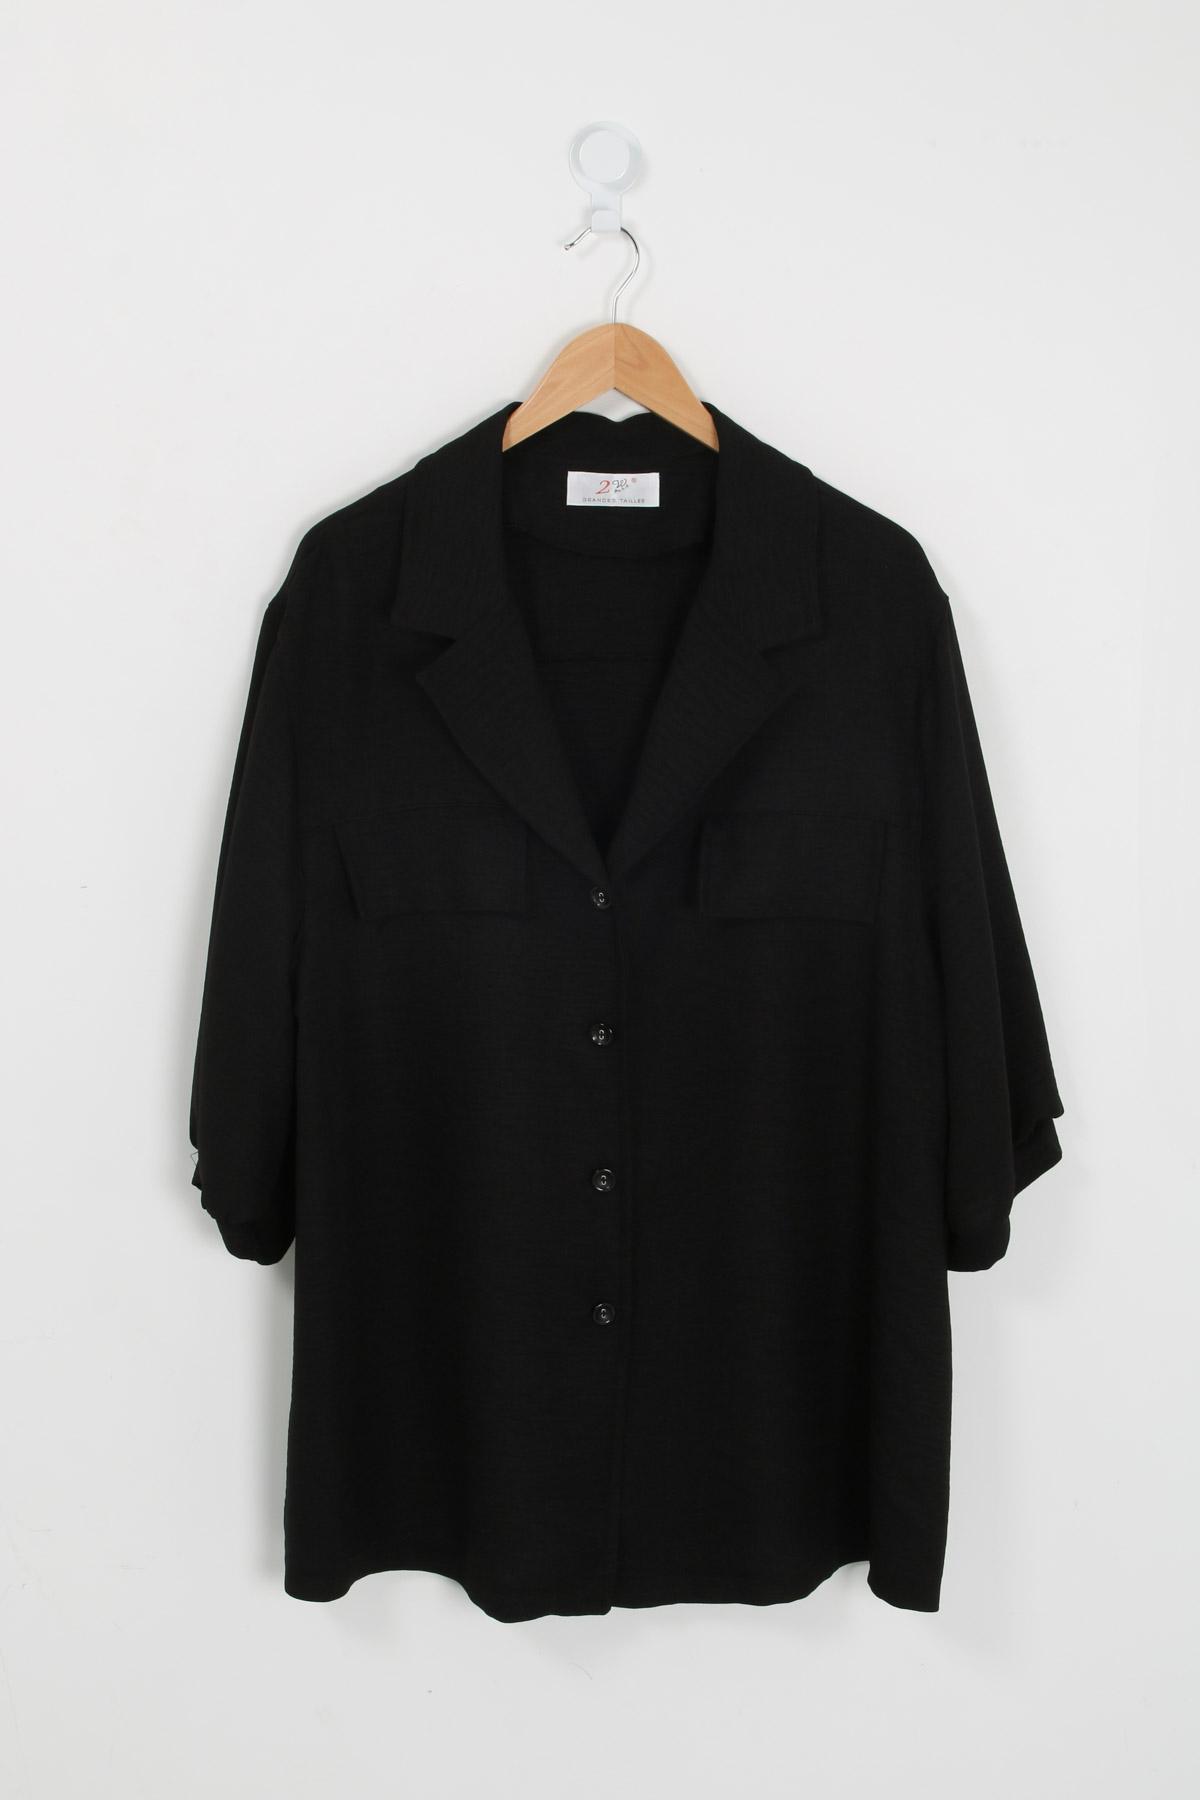 Chemise grande taille femme C1321 noir 2W PARIS